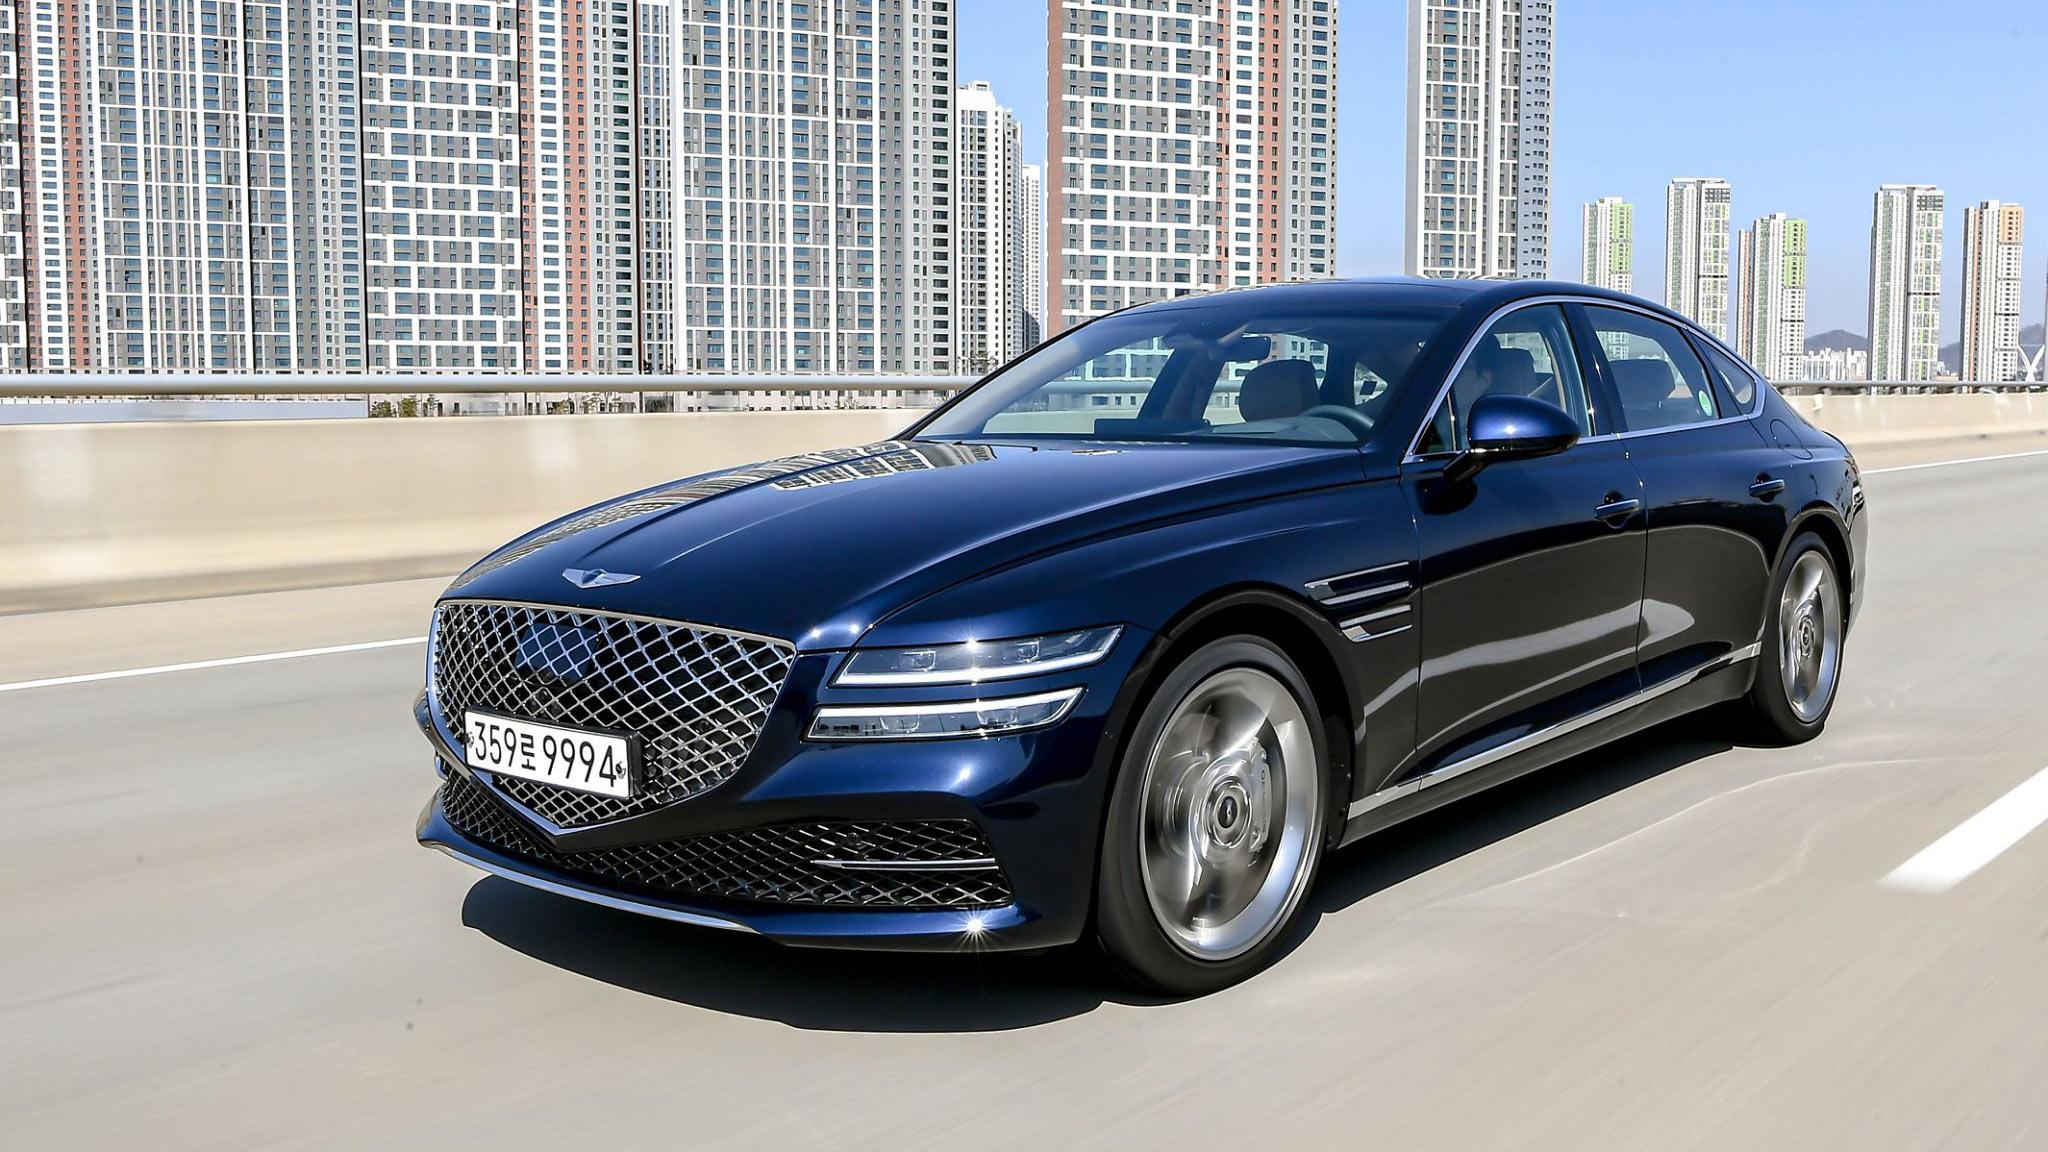 Genesis G80 2021 chốt giá từ 47.700 USD, rẻ hơn Mercedes E-Class 6.000 USD